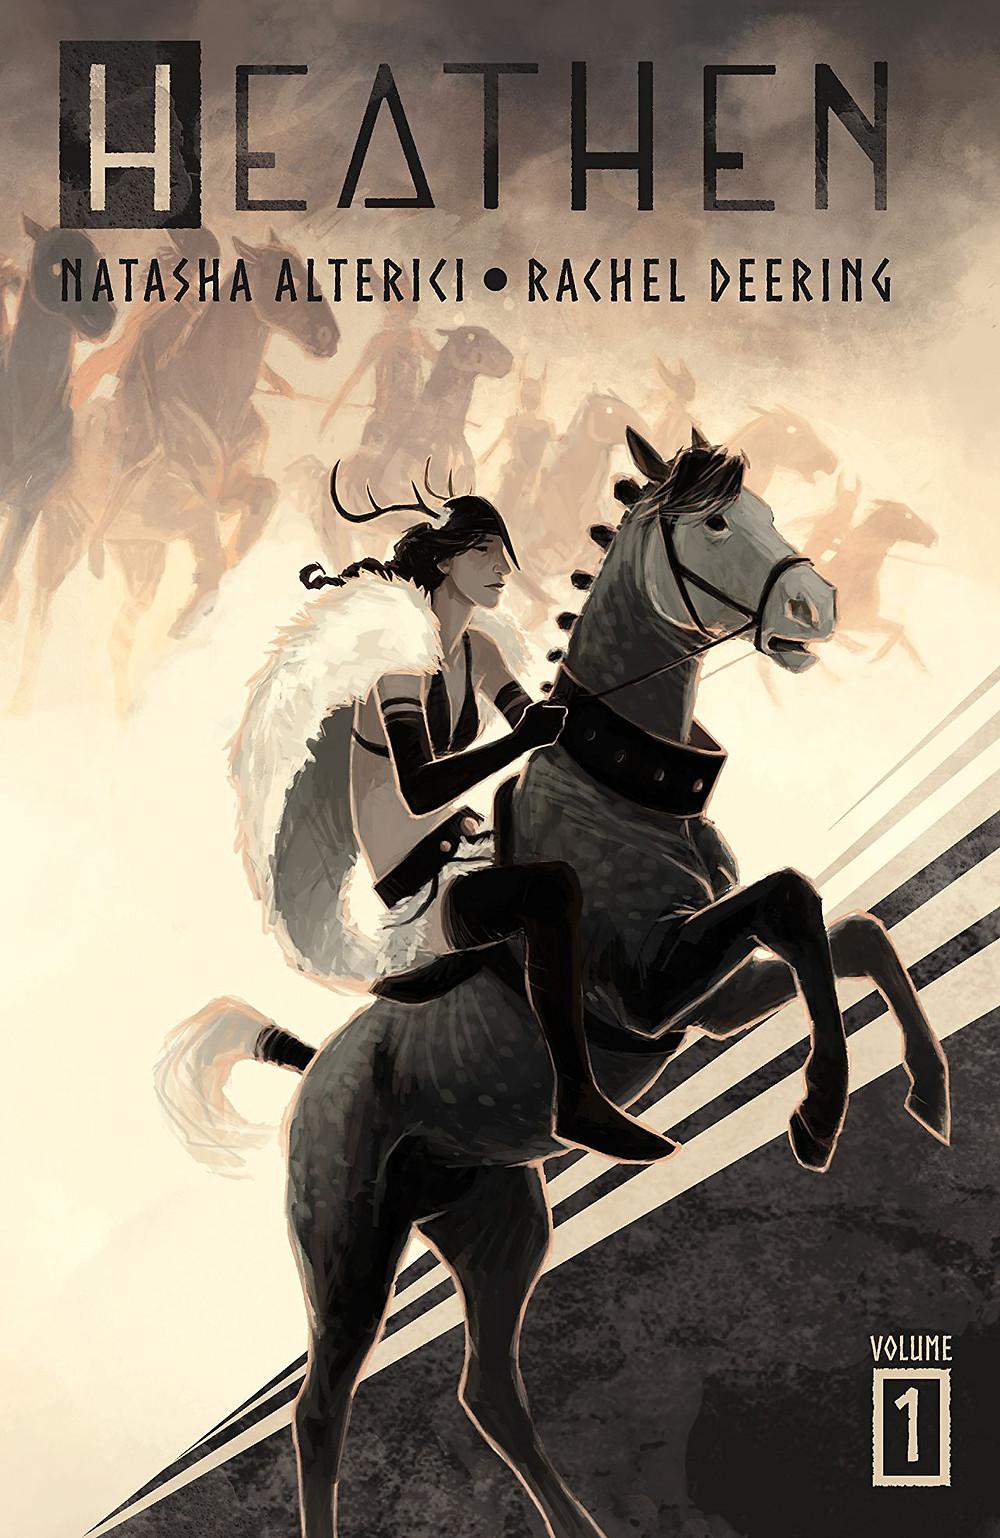 Heathen, Vol 1, Cover, Vault comics, Natasha Alterici